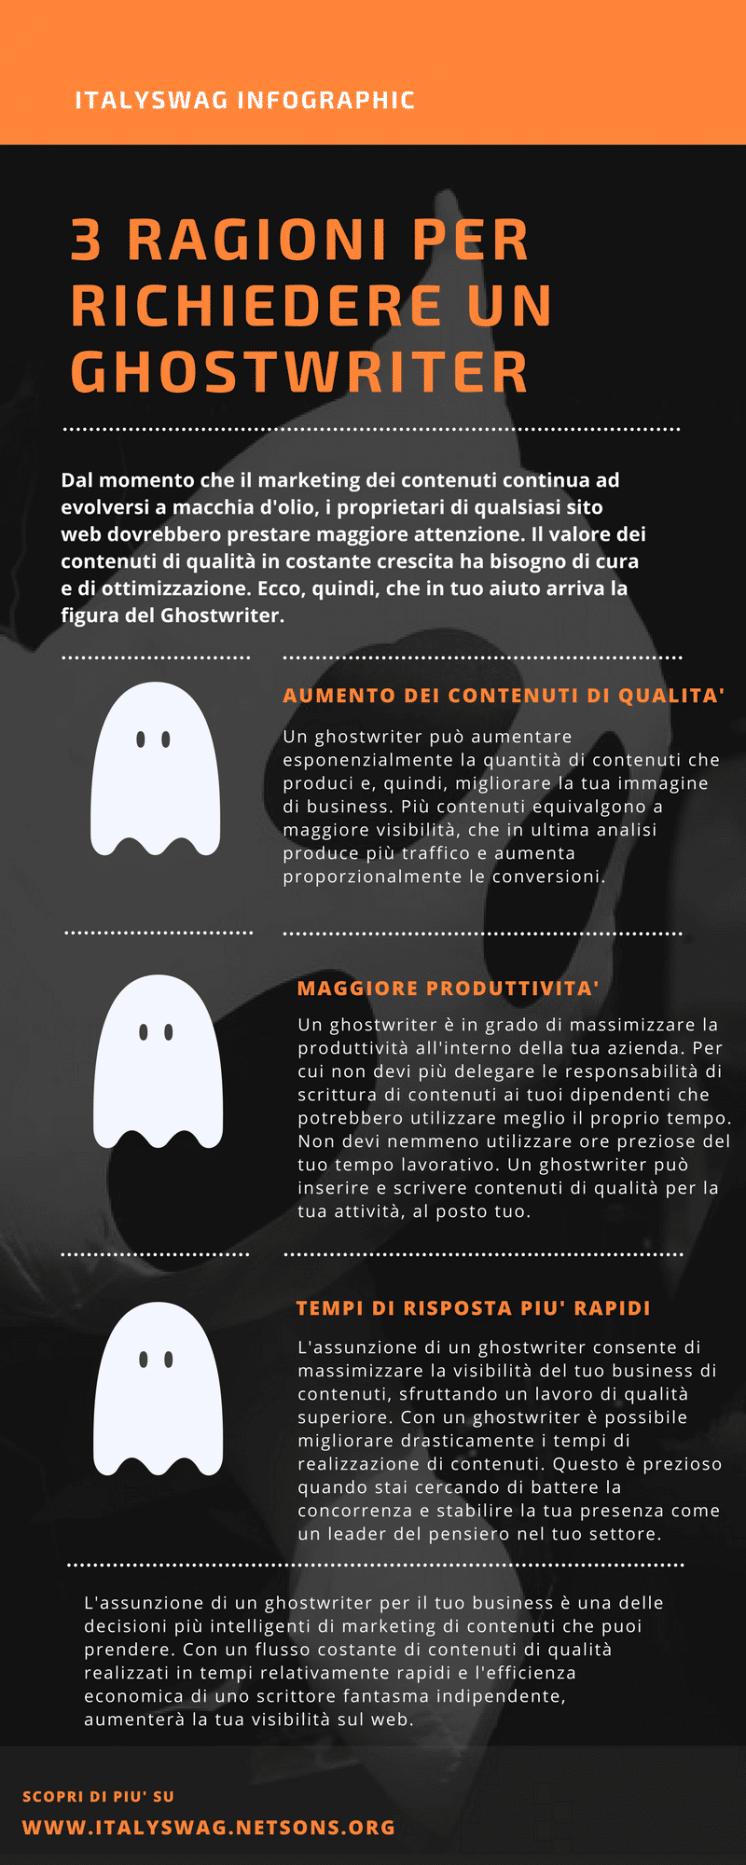 Perché scegliere un ghostwriter - Italy Swag  agenzia web, grafica e social a Bari